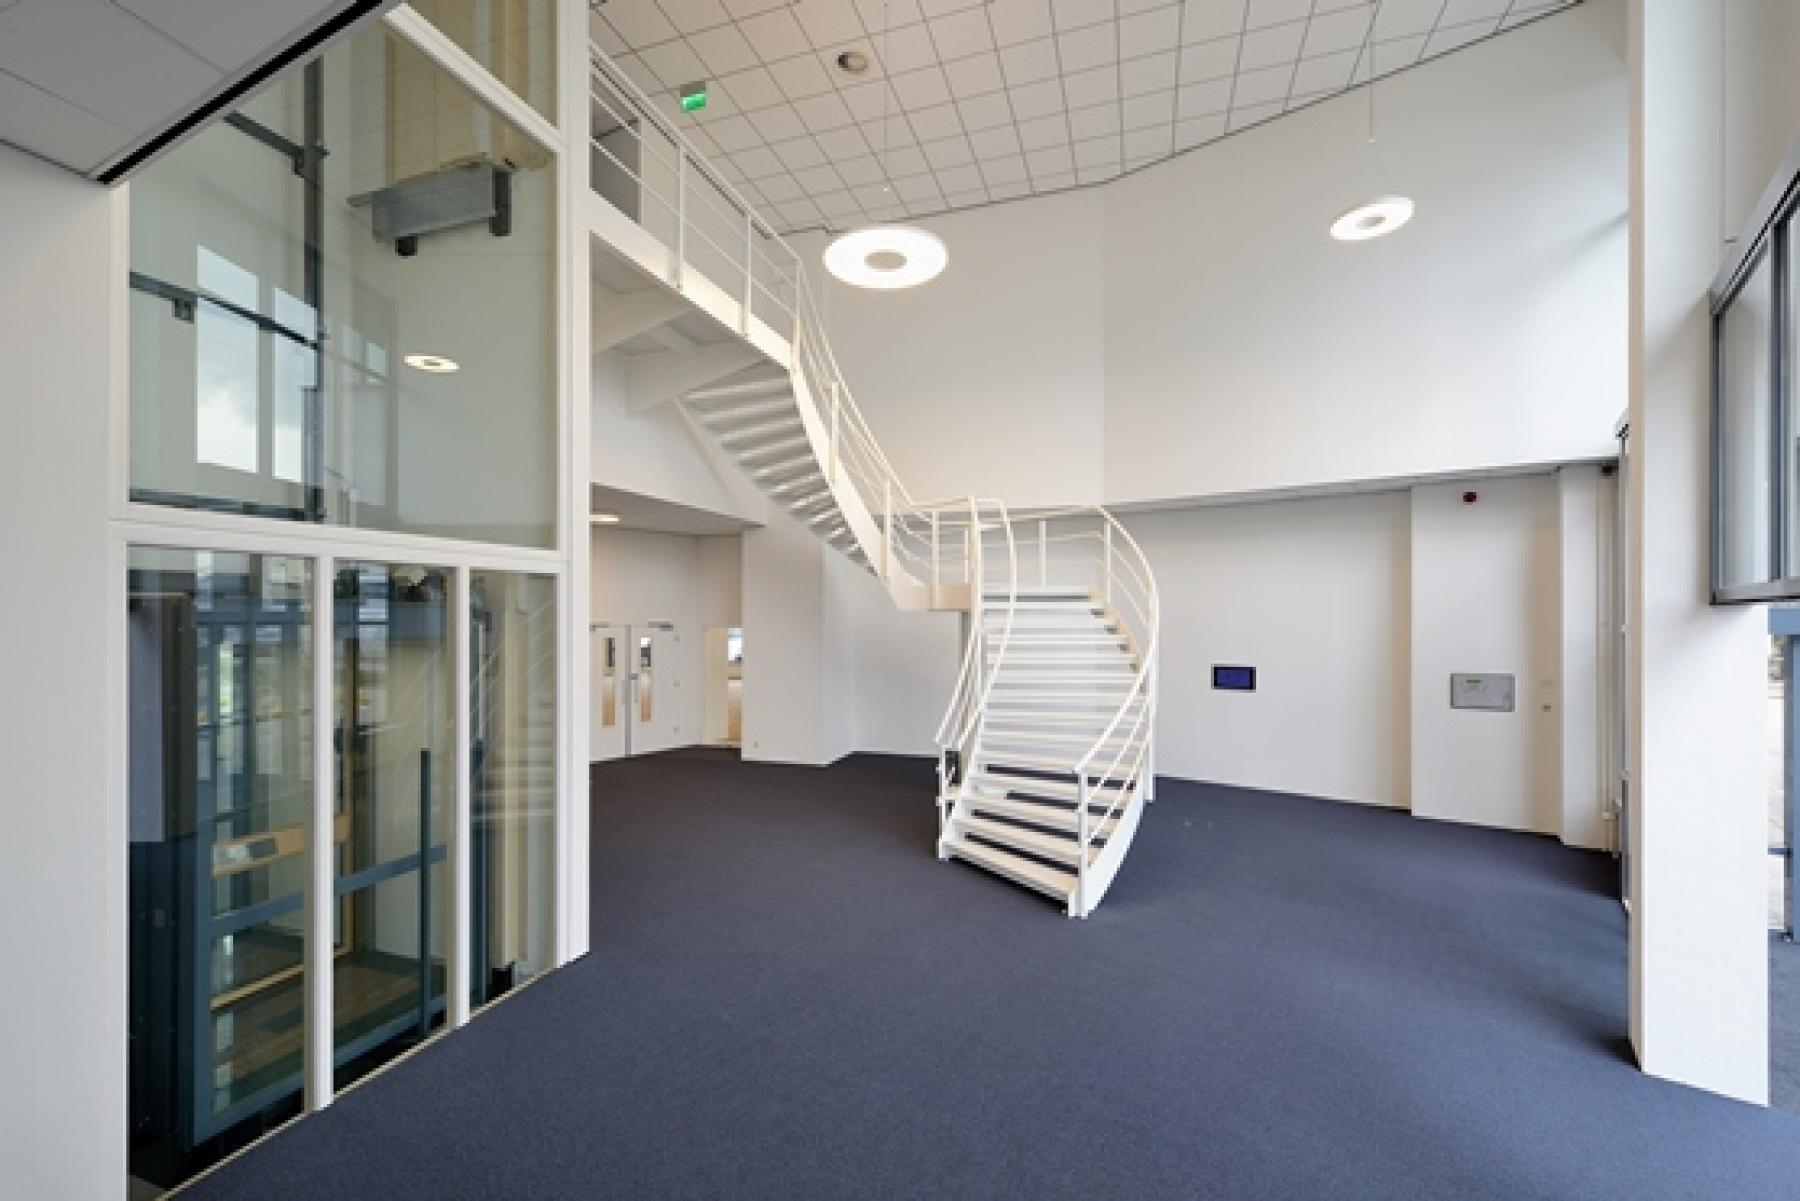 entree trappenhuis lift kantoorpand capelle aan den ijssel